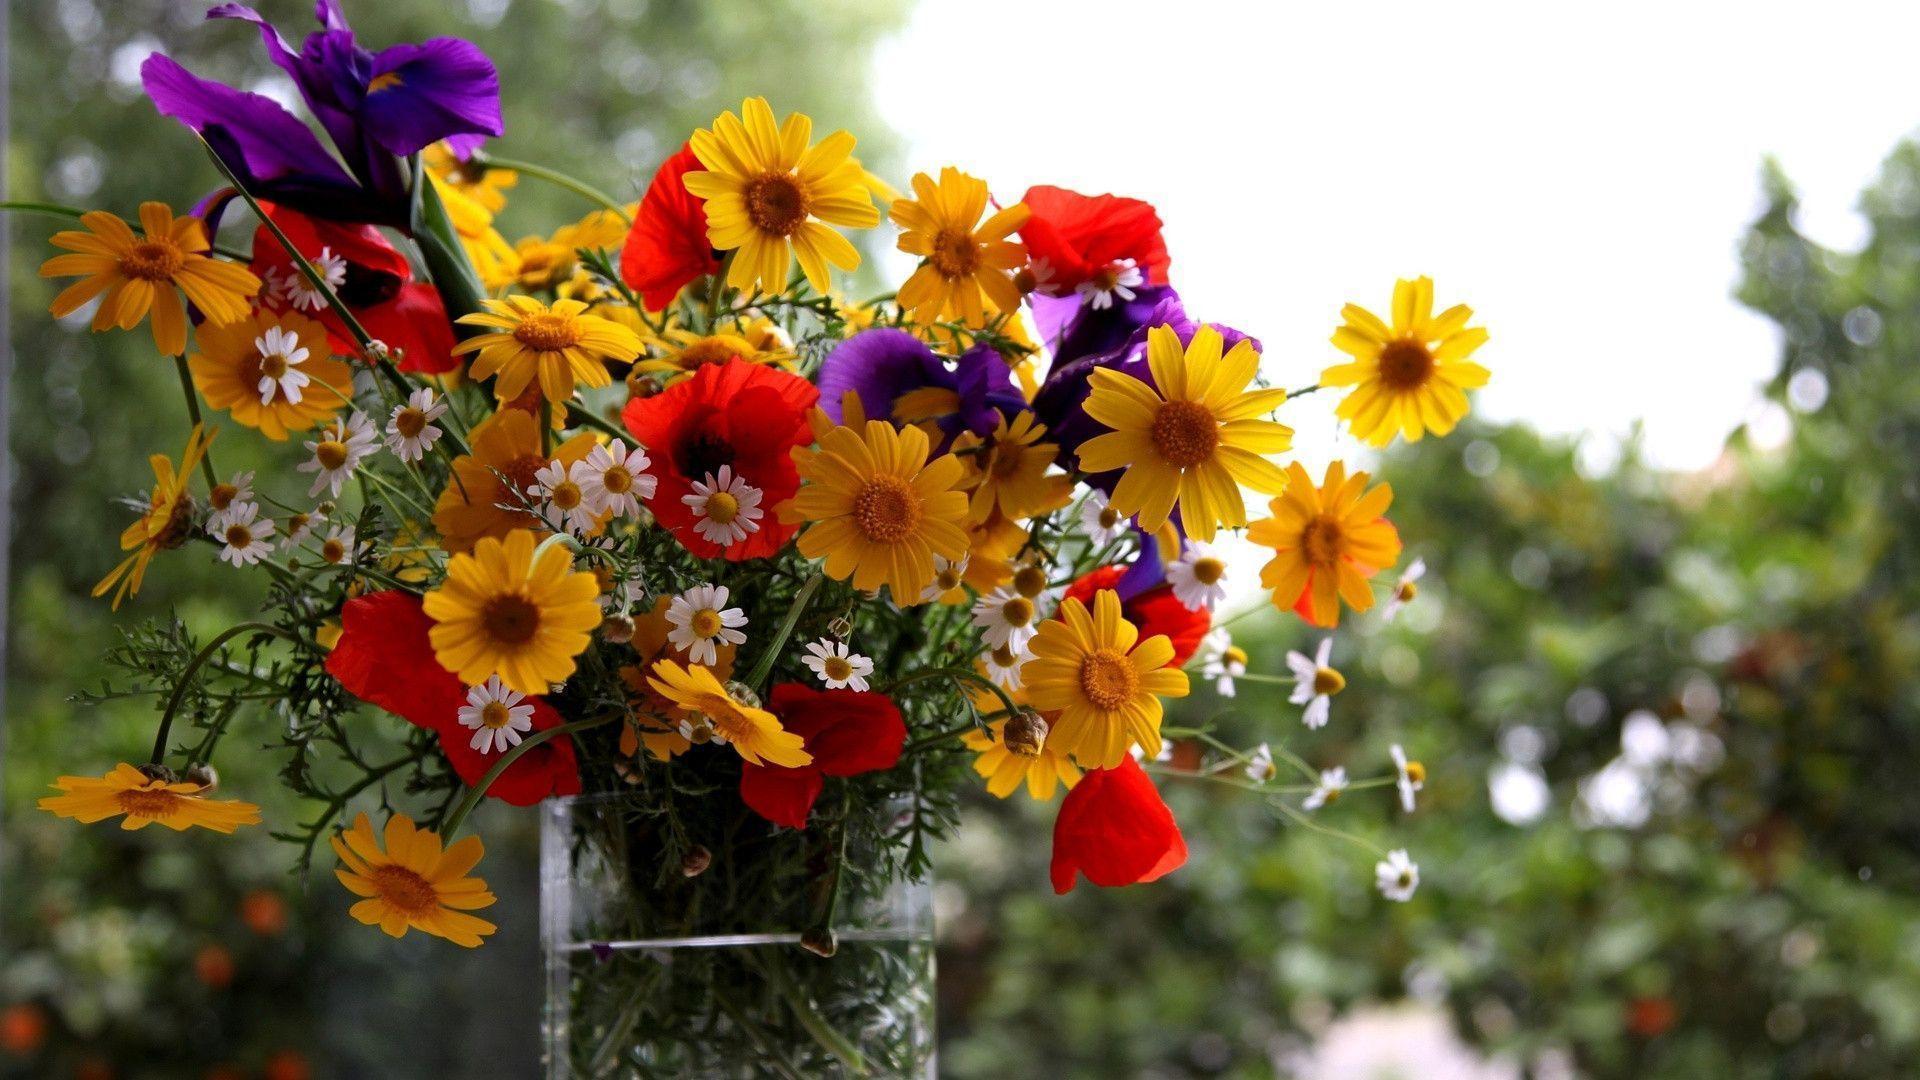 Flower bouquet wallpapers wallpaper cave - Flower wallpaper hd quality ...